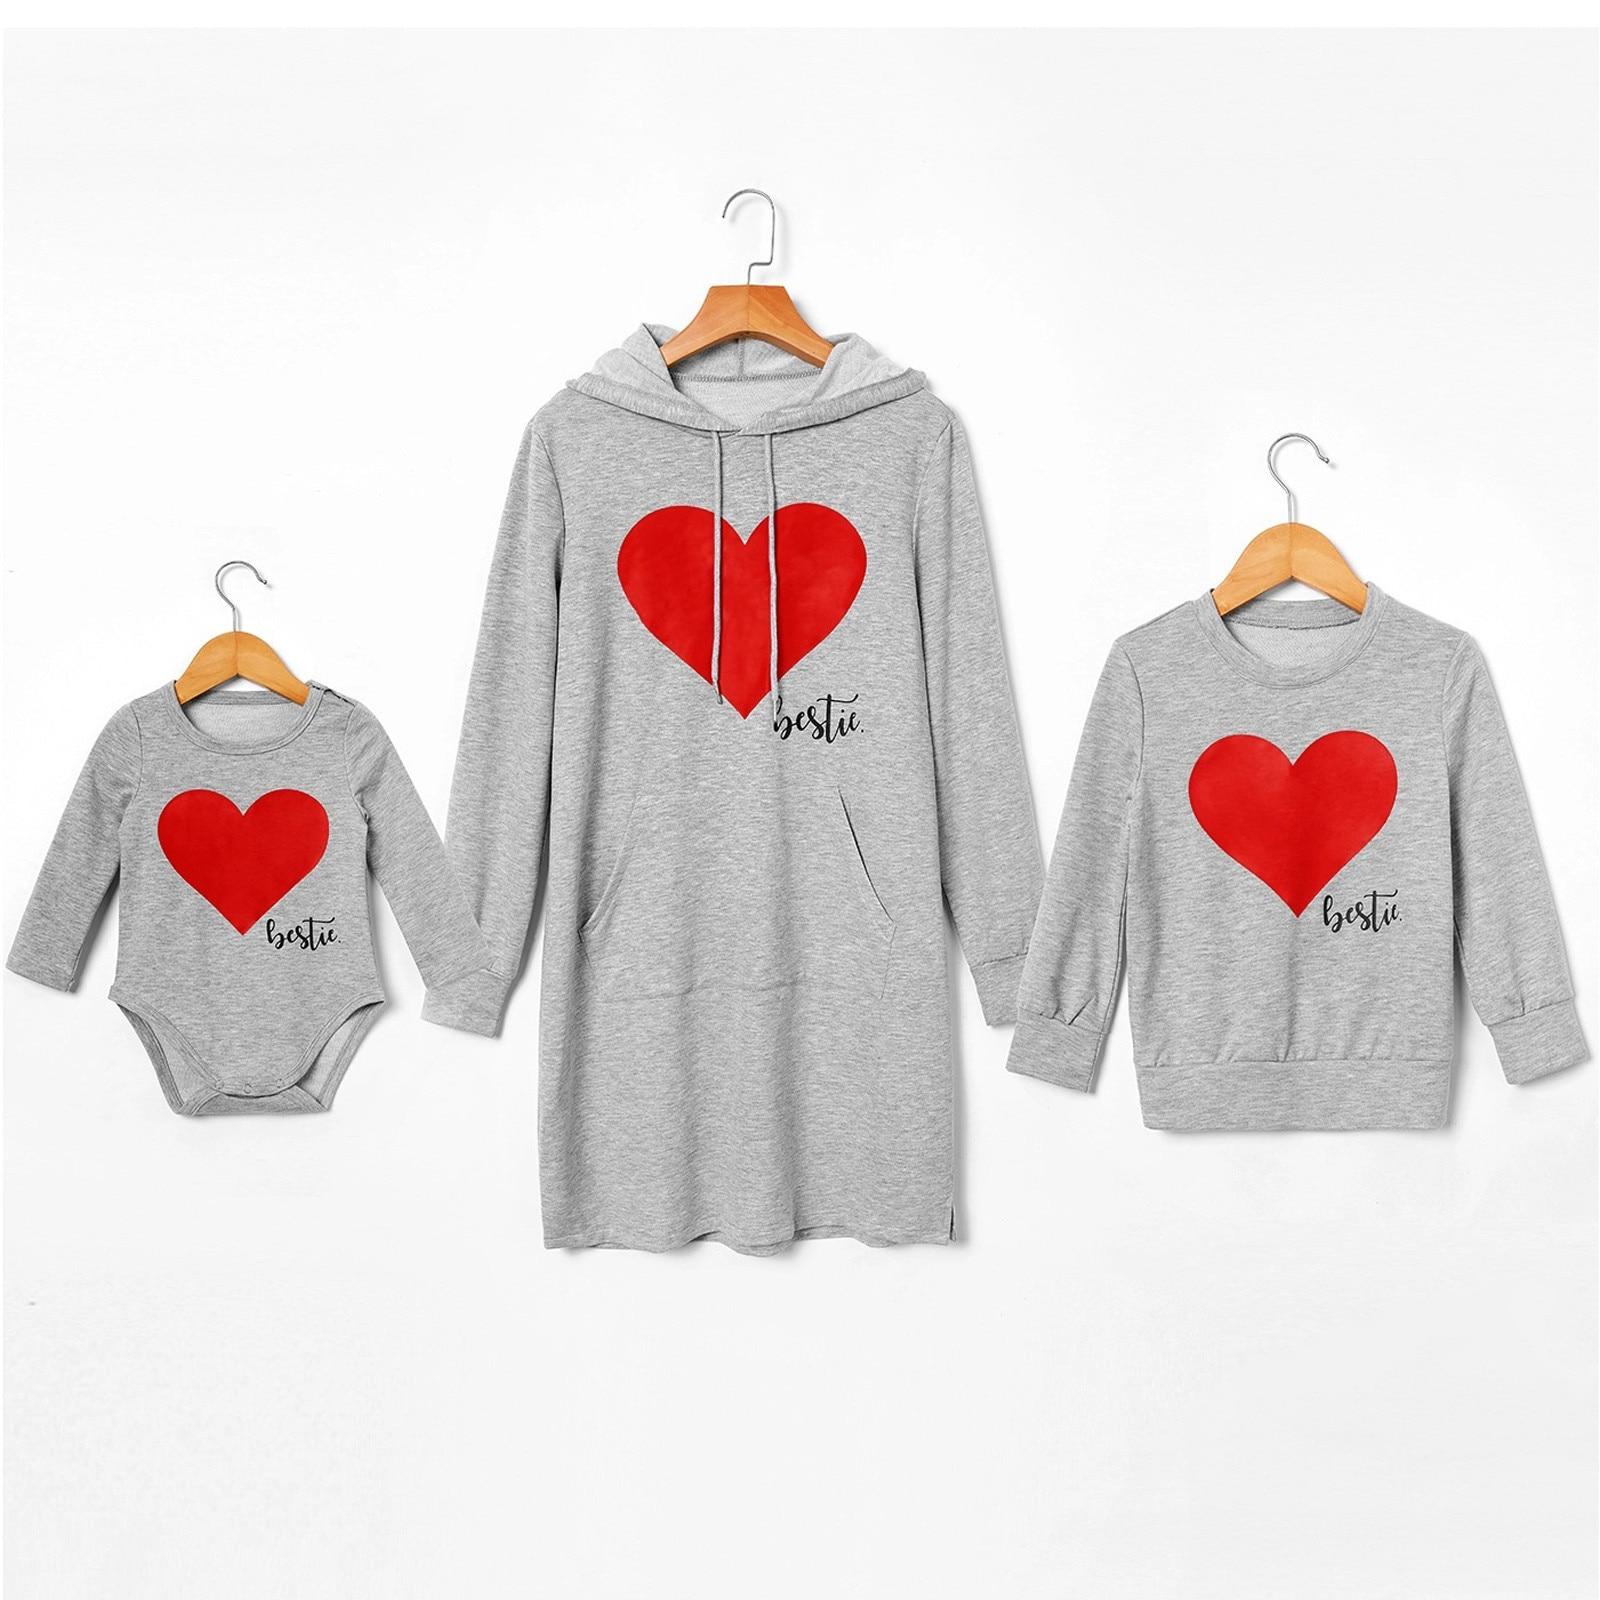 Natal 2020 inverno família roupas combinando coração impressão manga longa pai criança casual terno top print macacão outfit